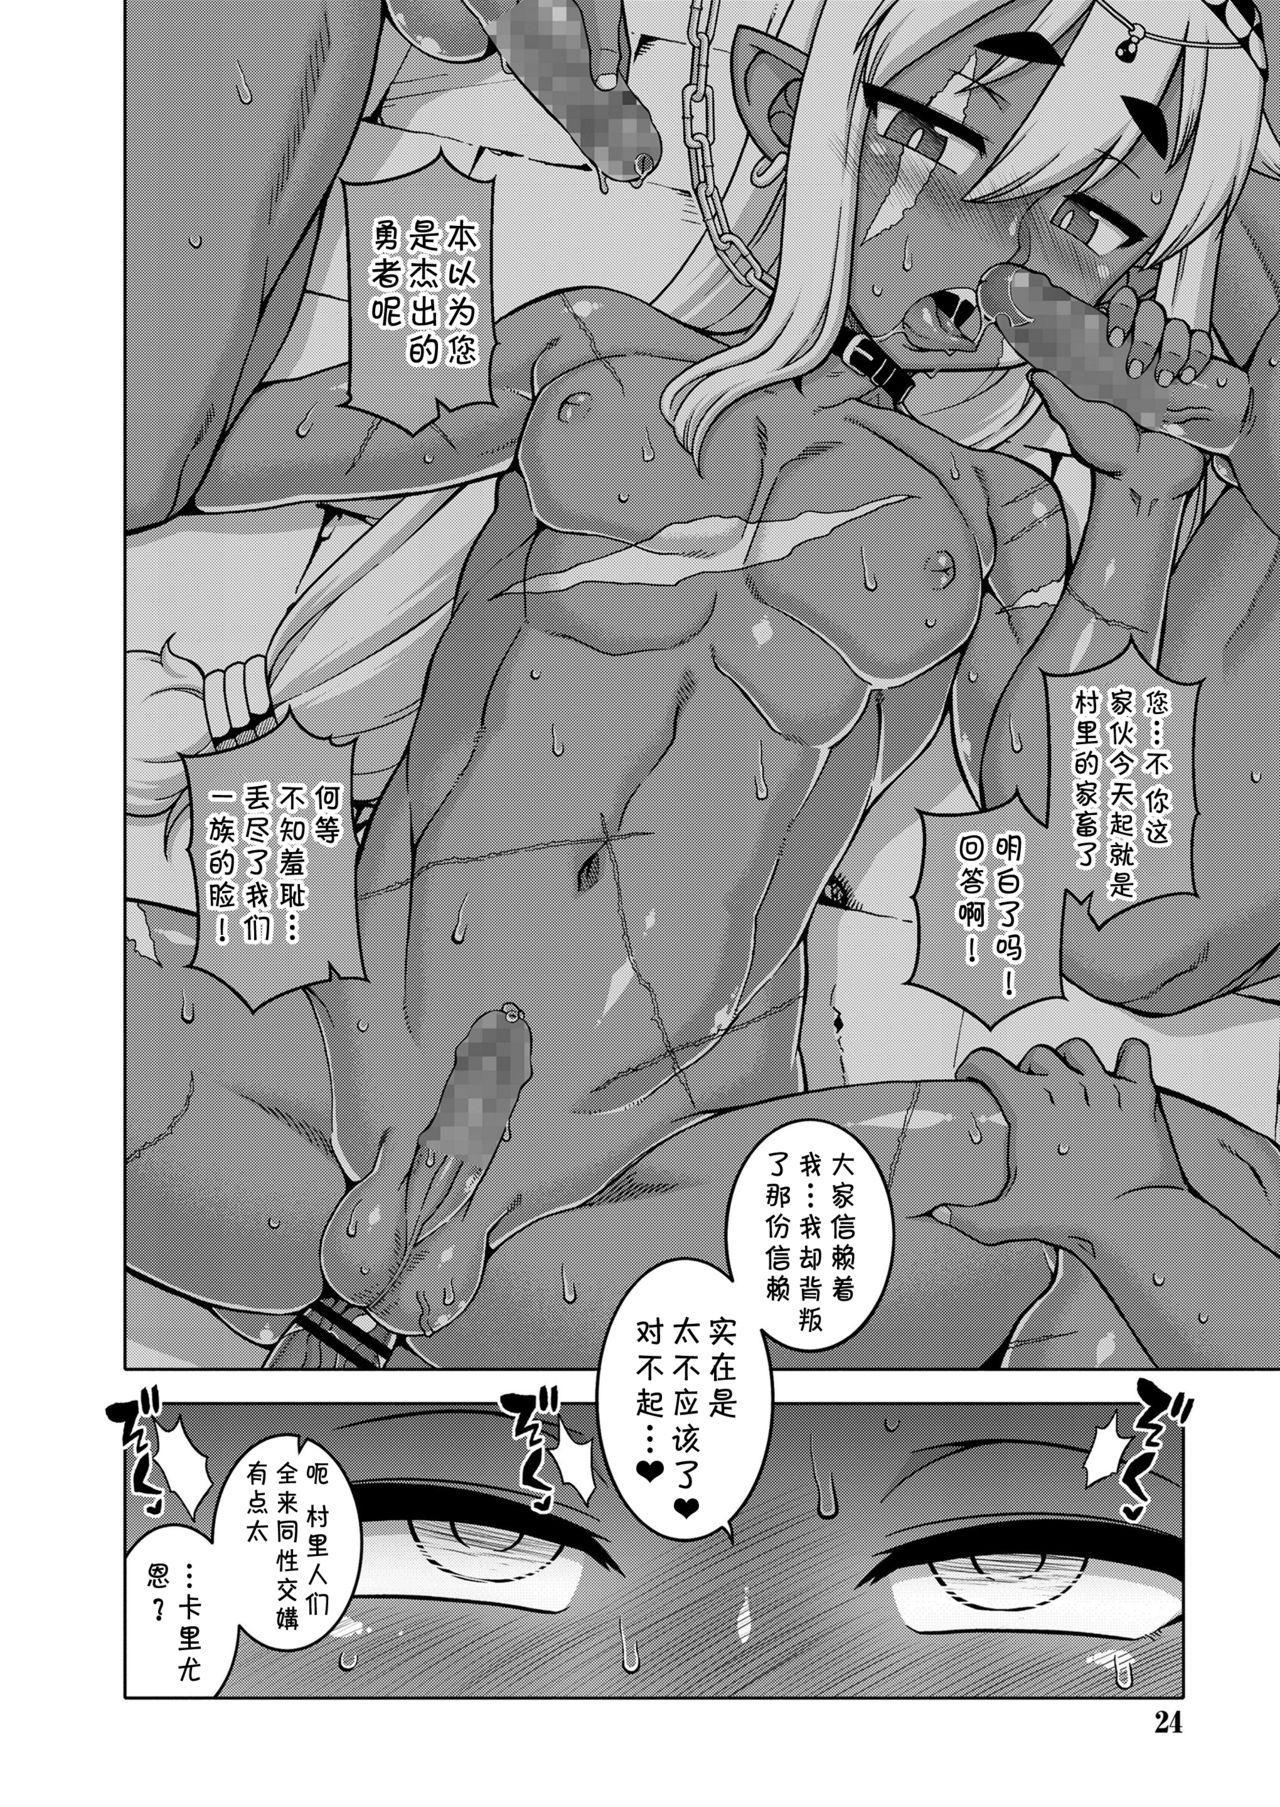 [Takatsu] Isekai de Elf no Yuusha(♂) ga Yome ni Natte Kureru You desu !? Ch.1-2 [Chinese] [theoldestcat汉化] [Digital] 50